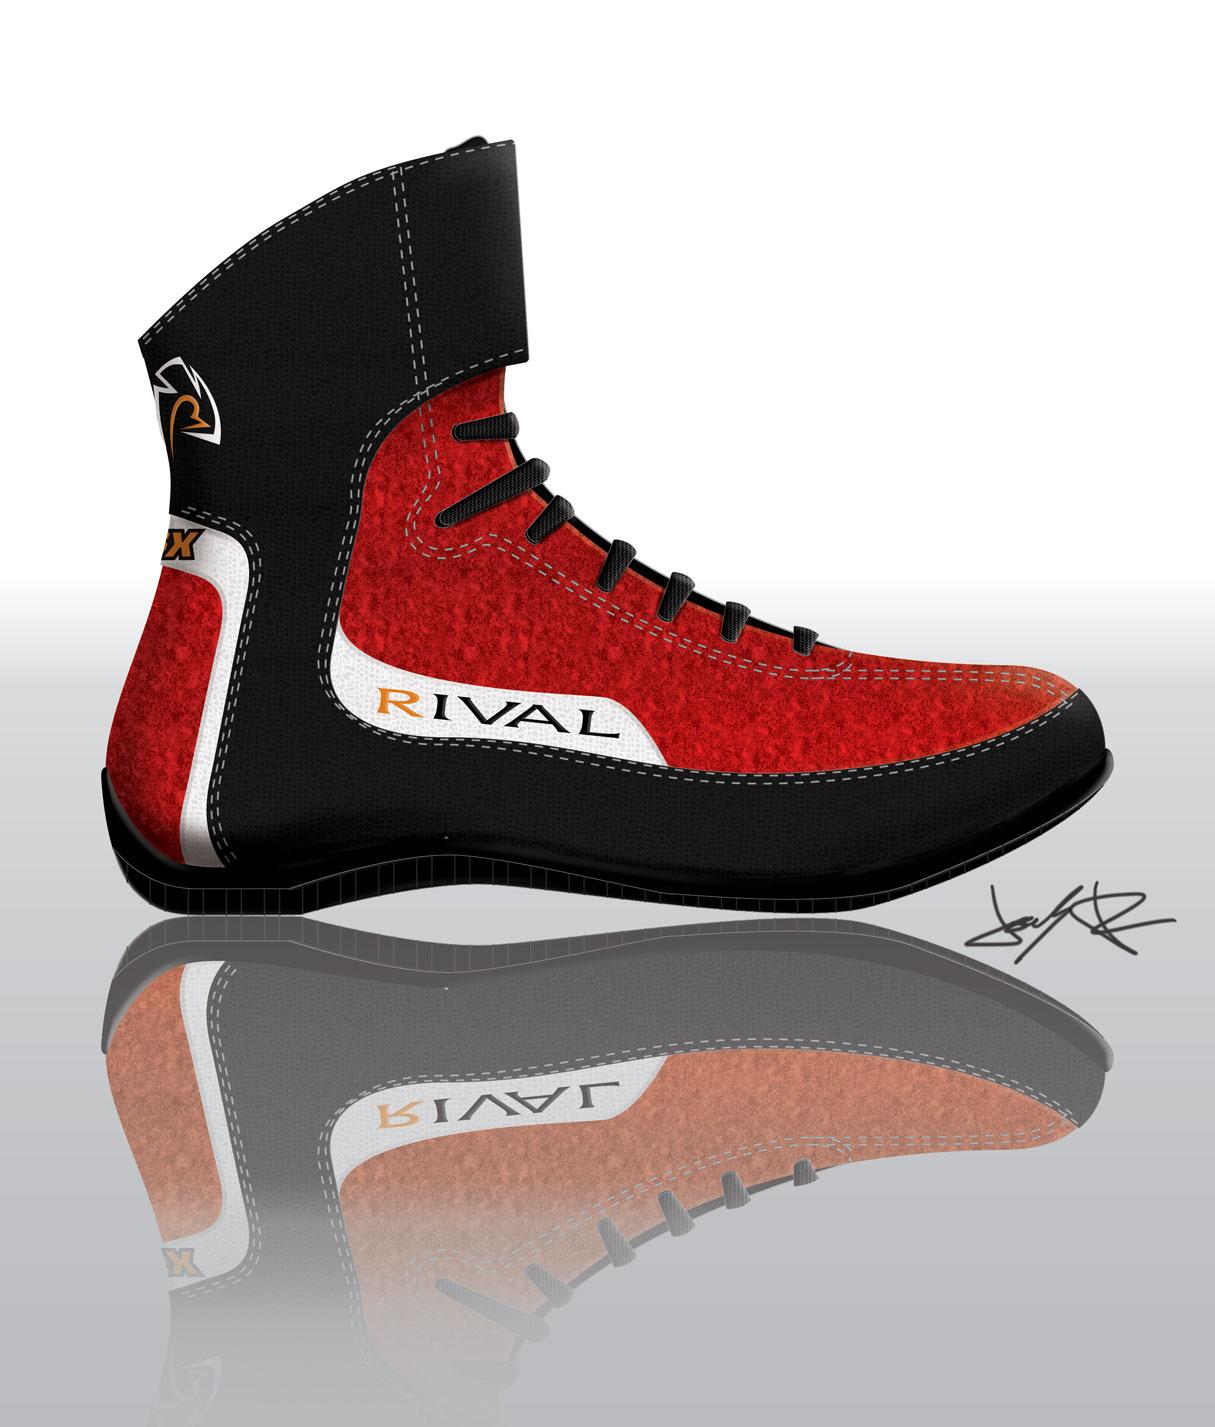 footwear by jocelyn poulin at coroflot